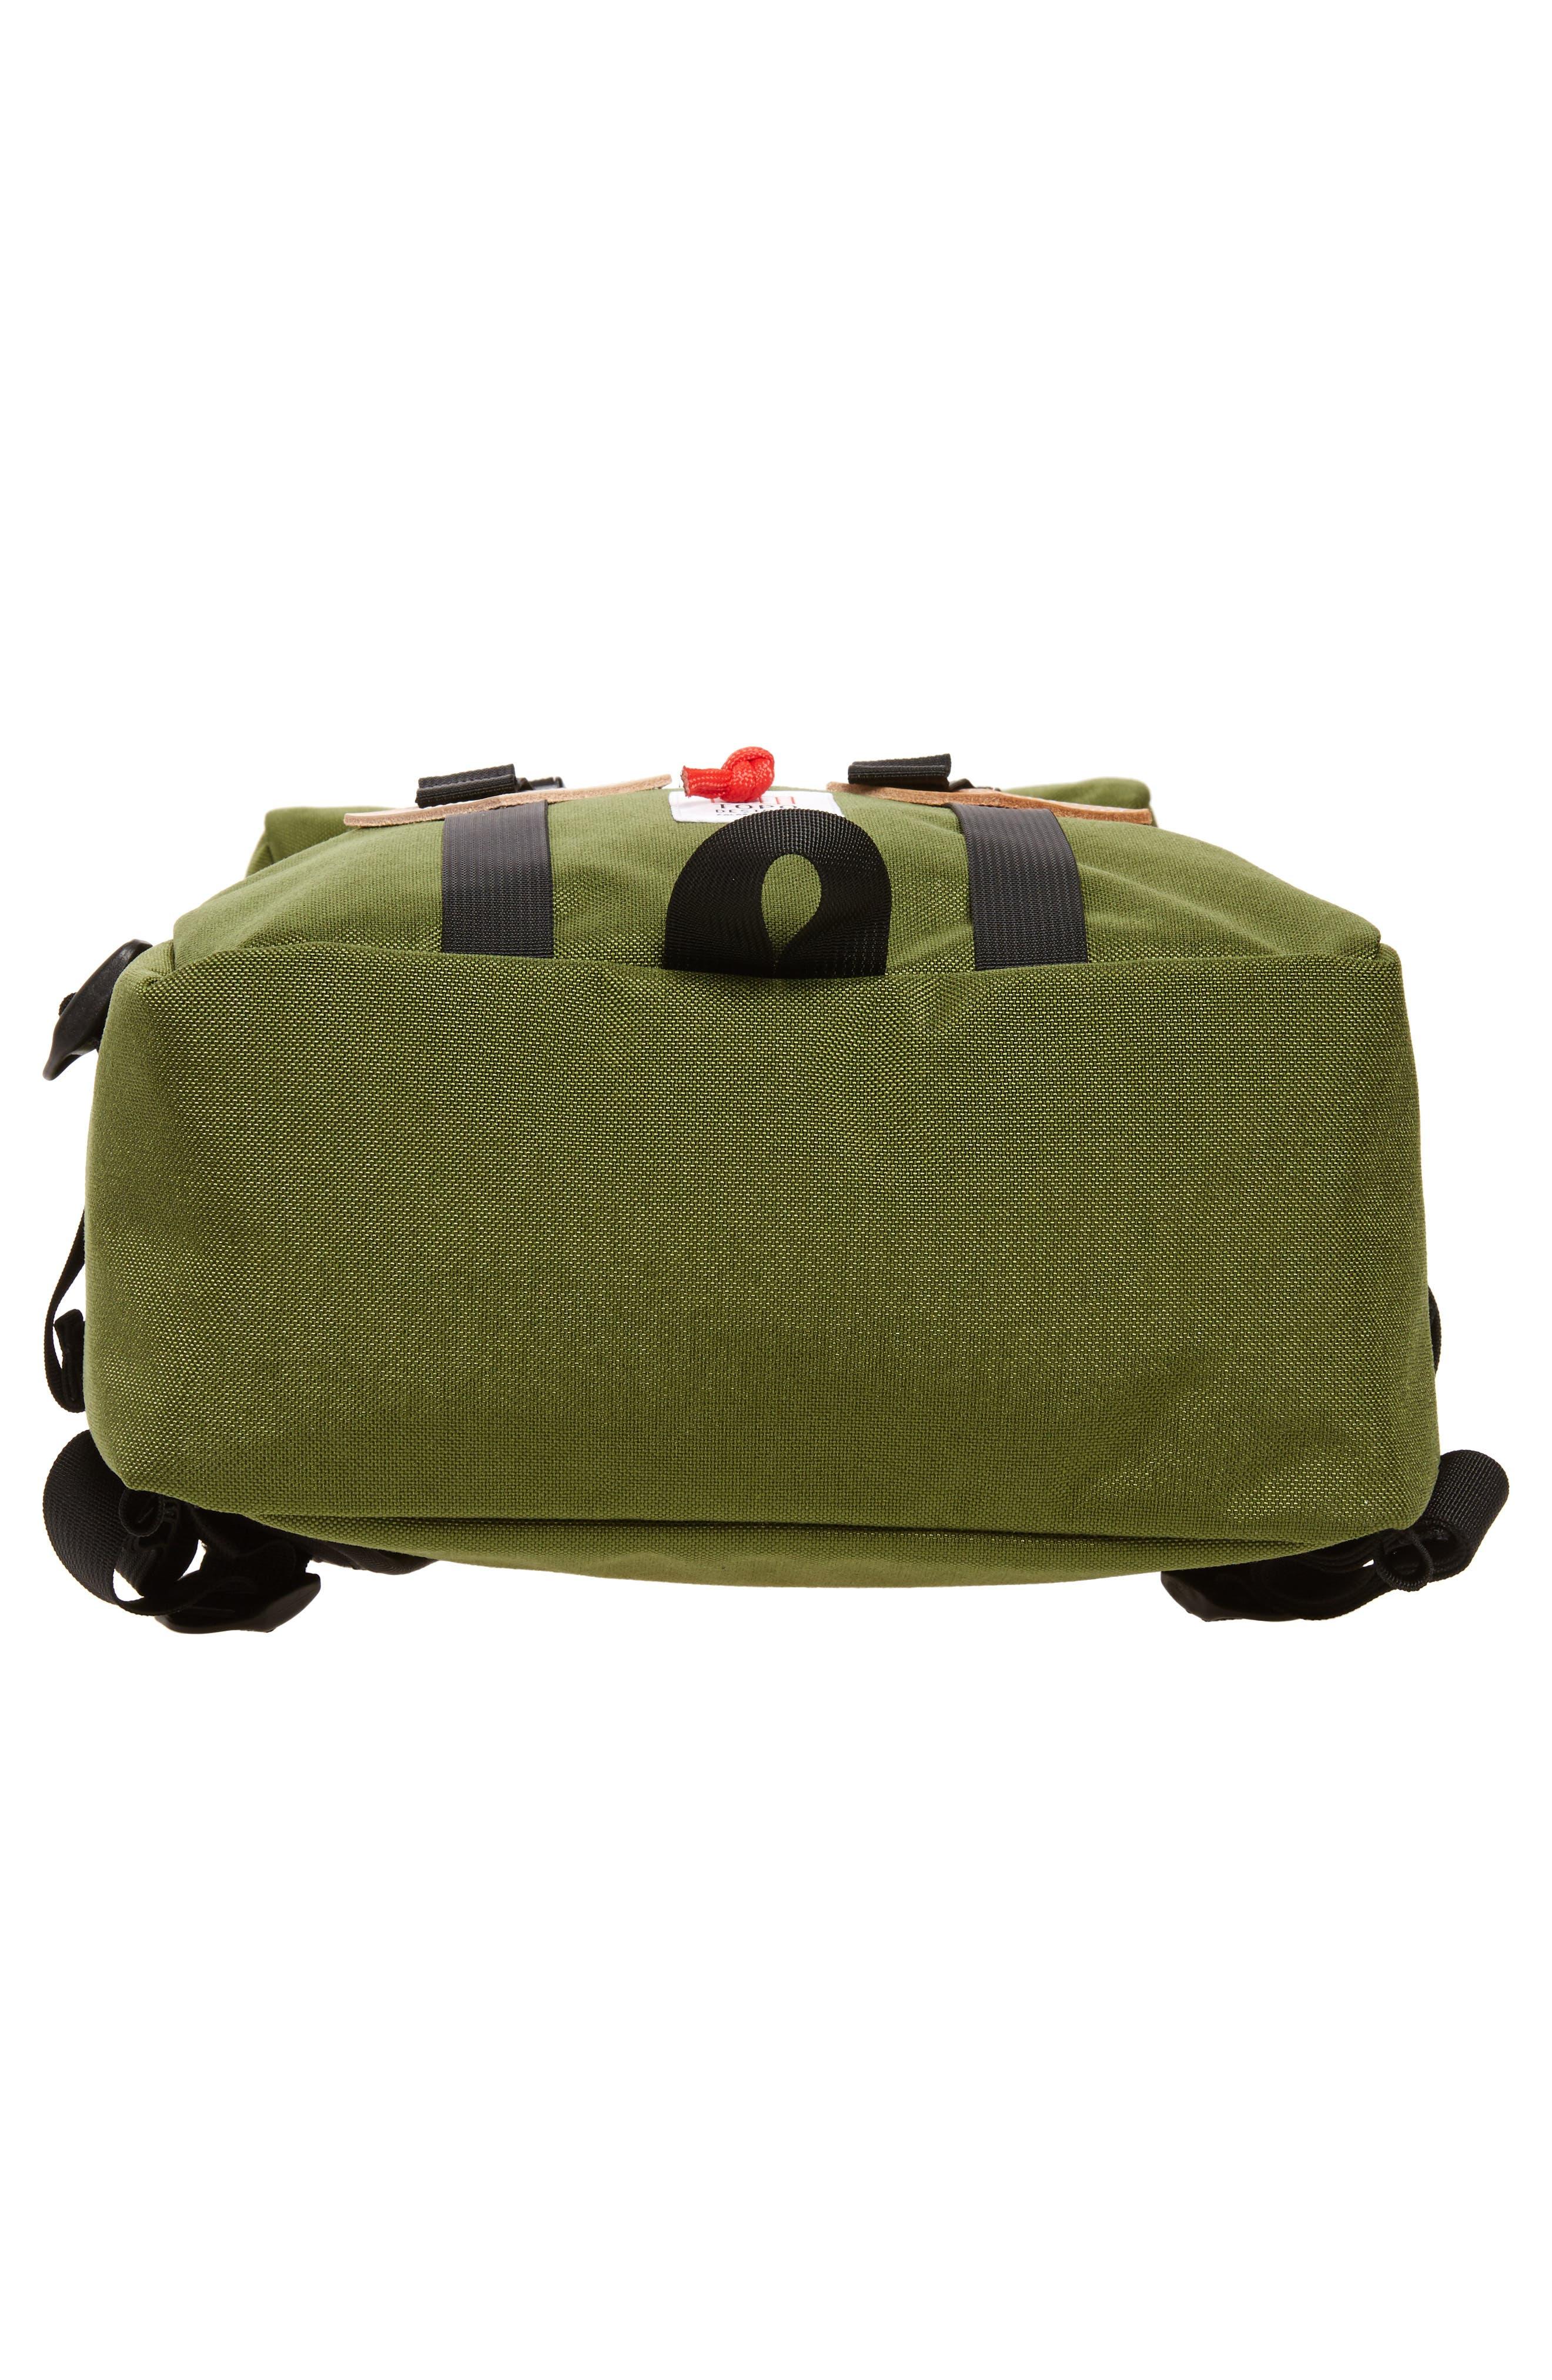 Klettersack Backpack,                             Alternate thumbnail 6, color,                             Olive